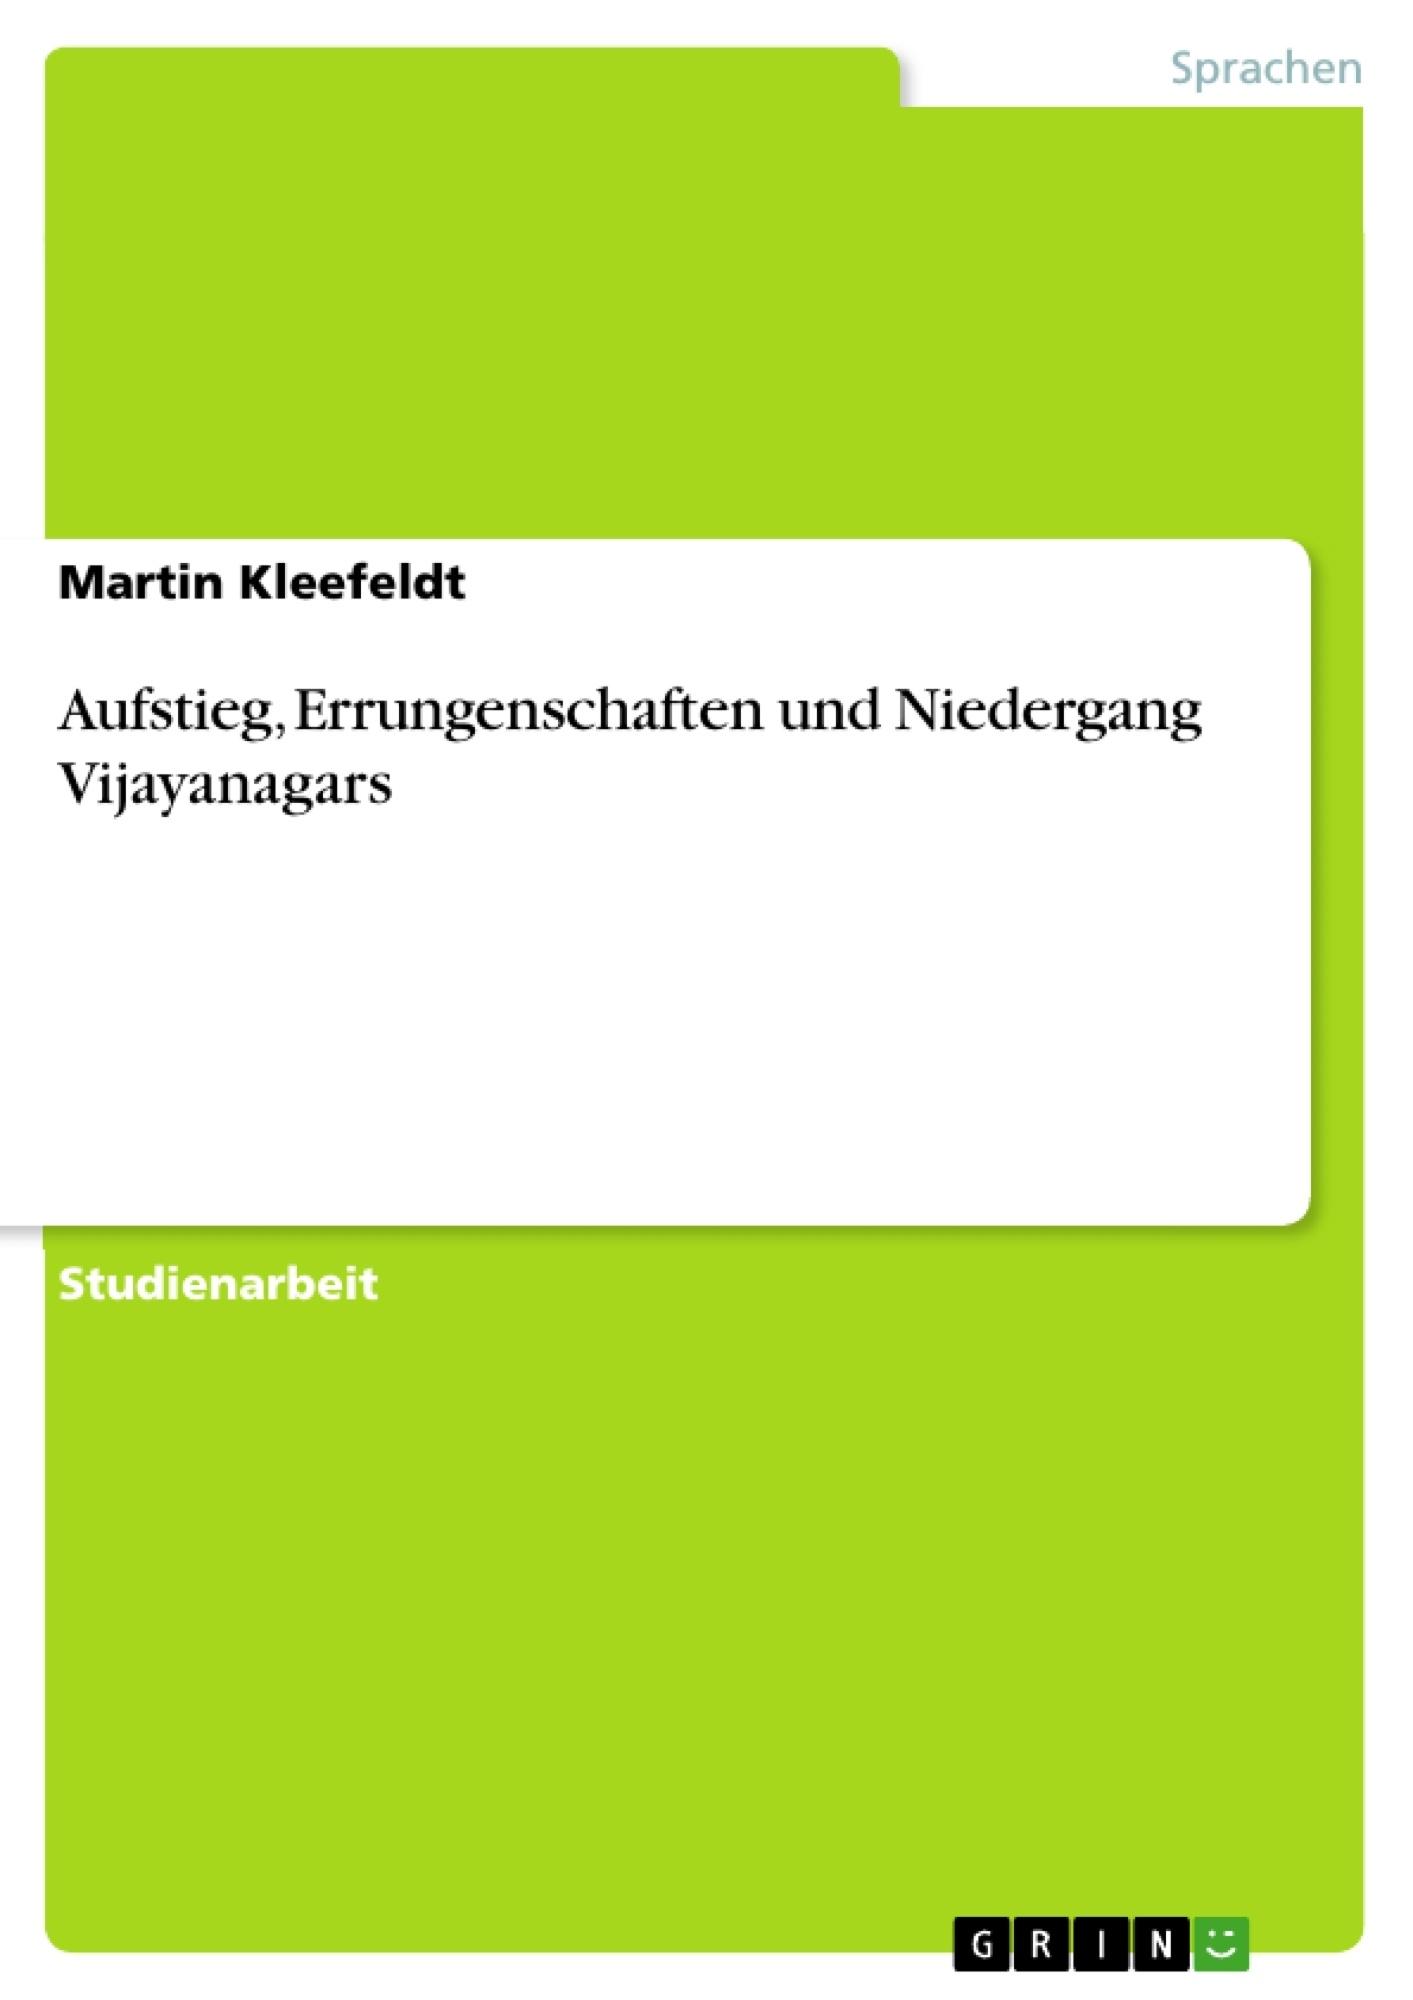 Titel: Aufstieg, Errungenschaften und Niedergang Vijayanagars